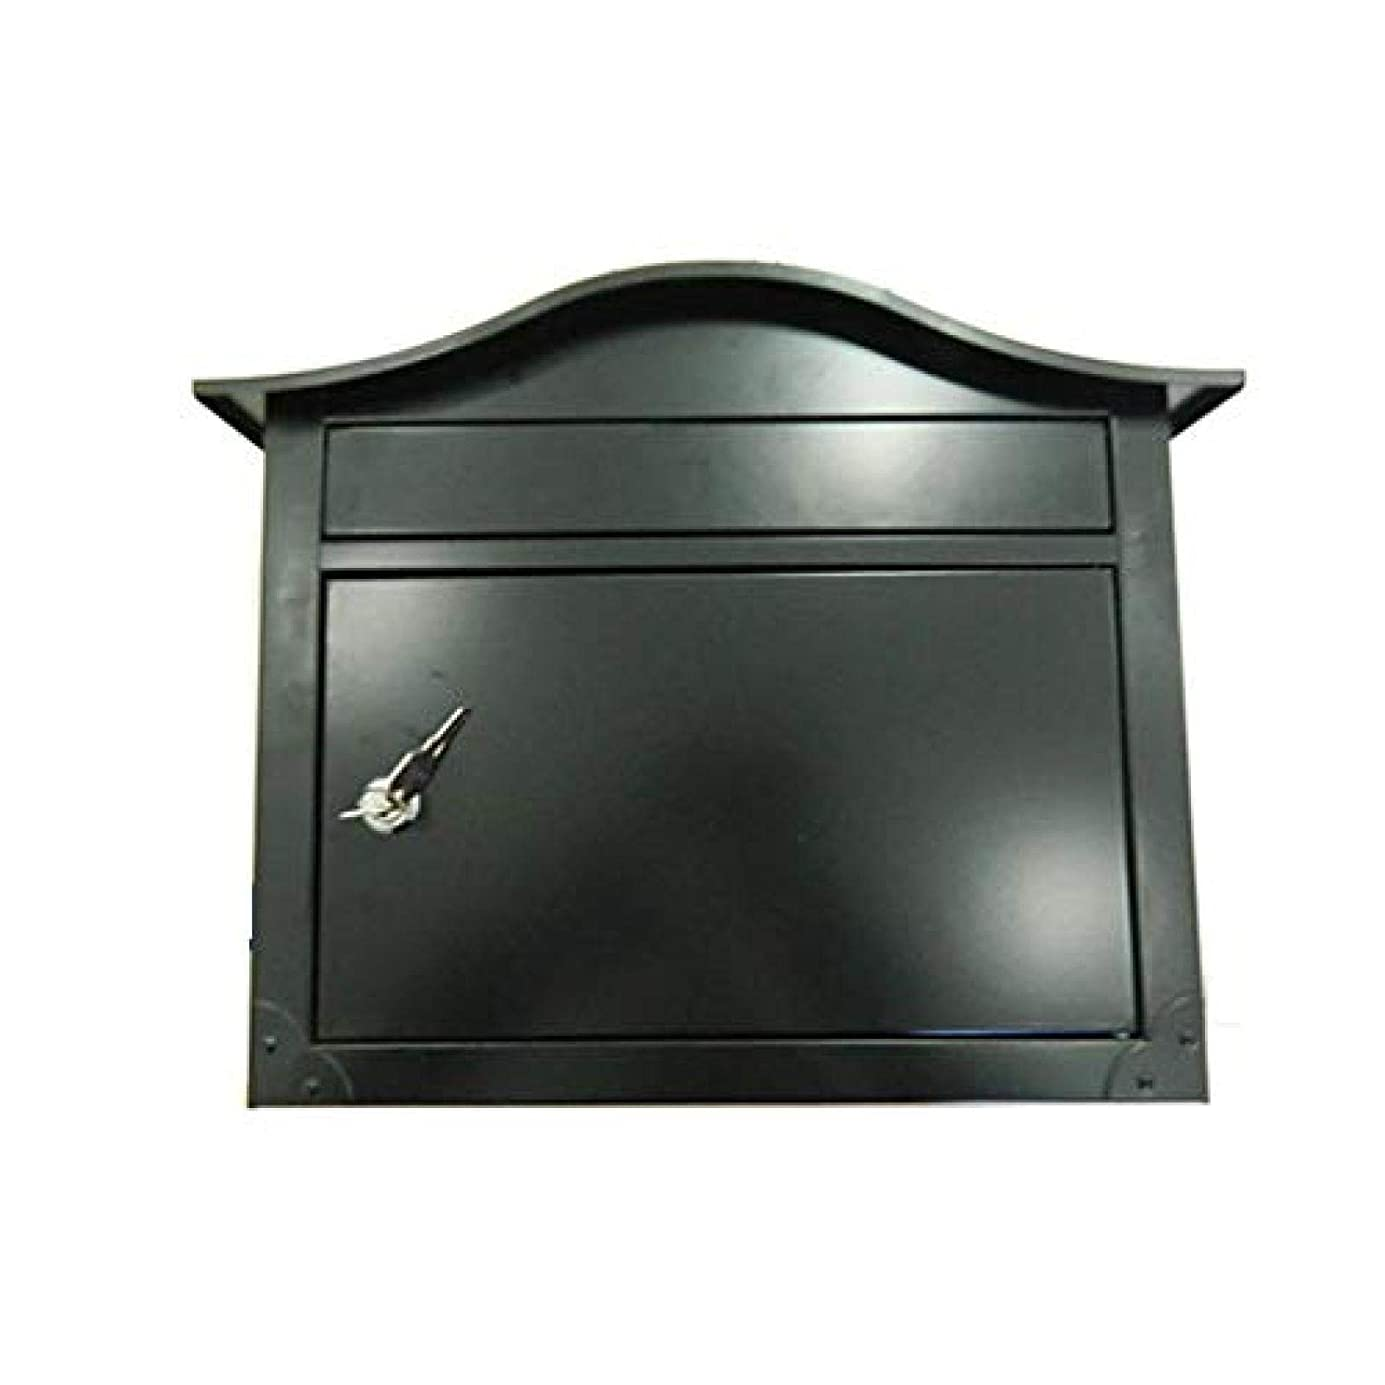 着るうれしいかごメールボックス 大規模な屋外外装スチールウォールマウントメールボックス縦型ポストボックスでロックのドアレターボックス郵便ロック郵便受け ~YANYQ